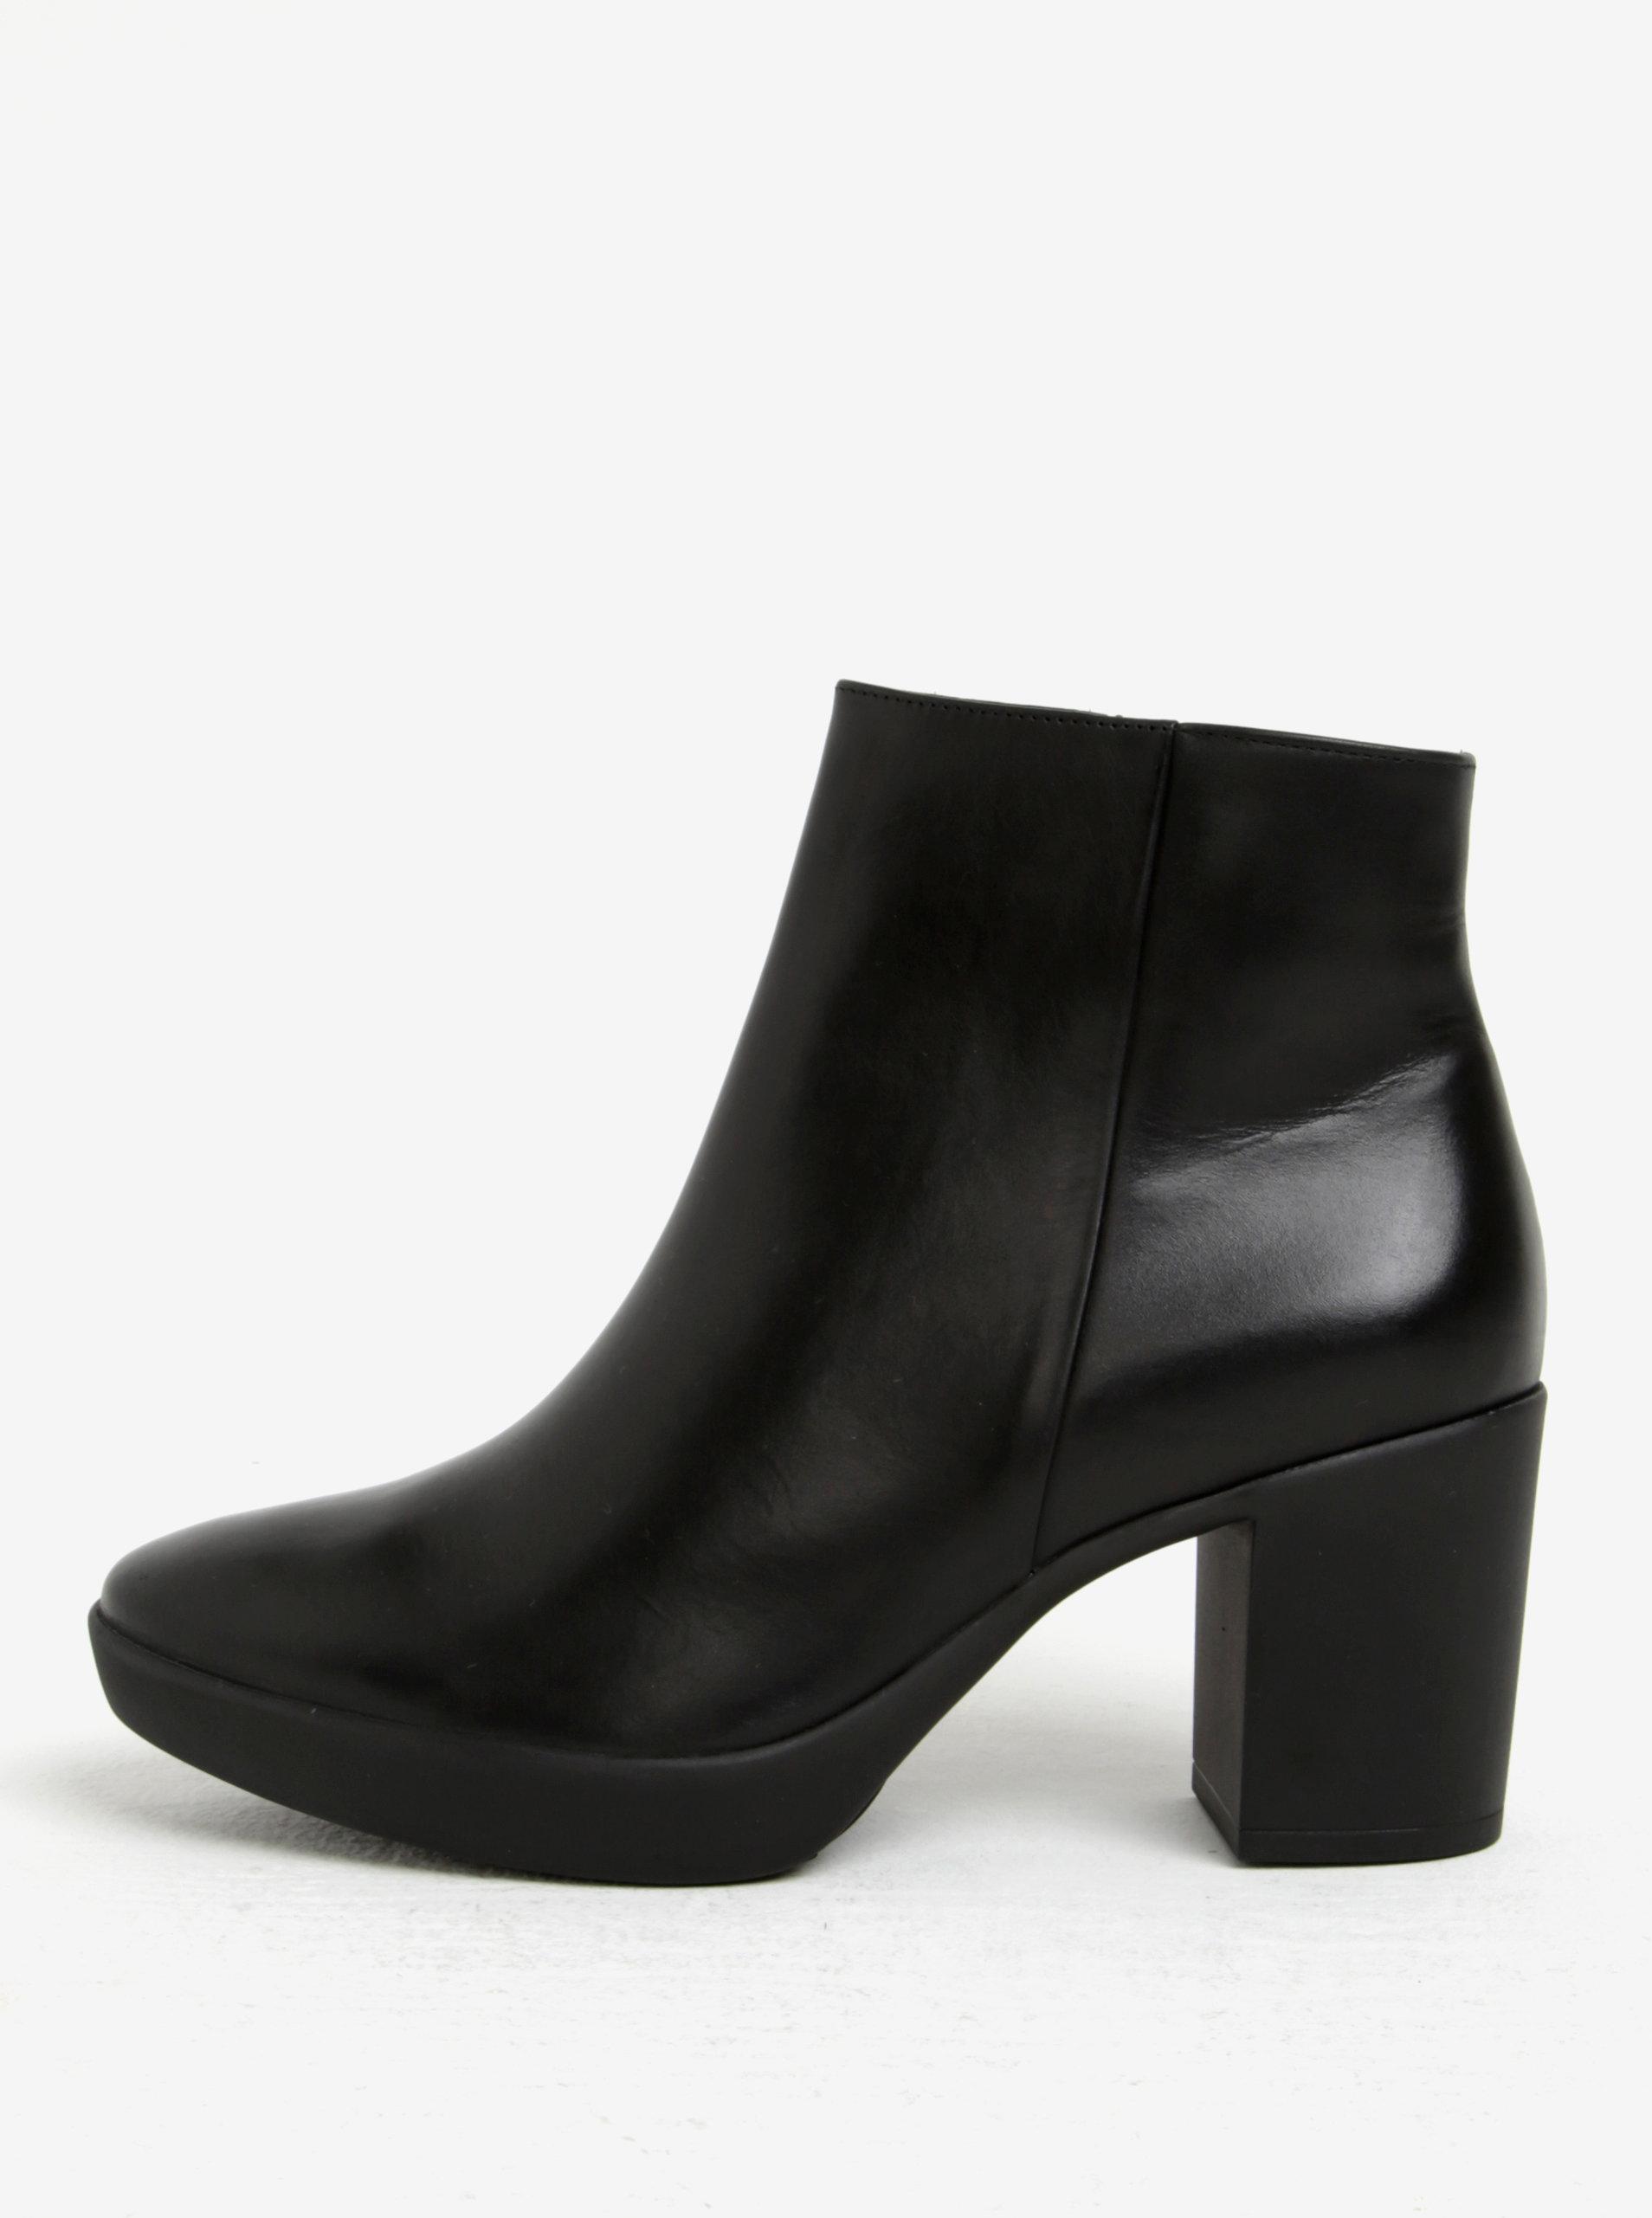 795f40c2e23f4 Čierne kožené členkové topánky na podpätku Högl ...